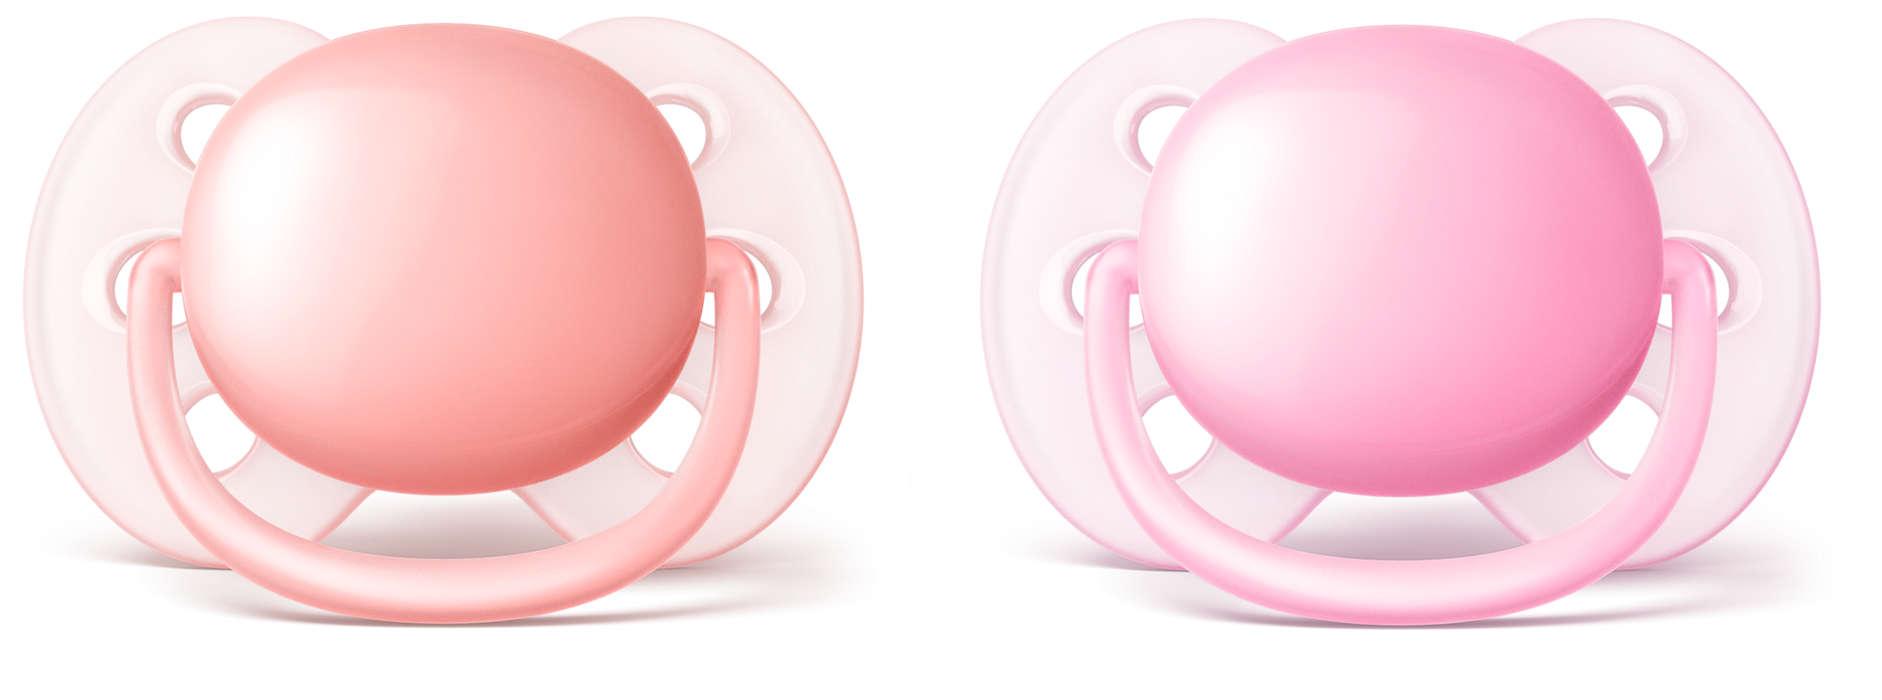 El chupete más suave para la delicada piel de su bebé*